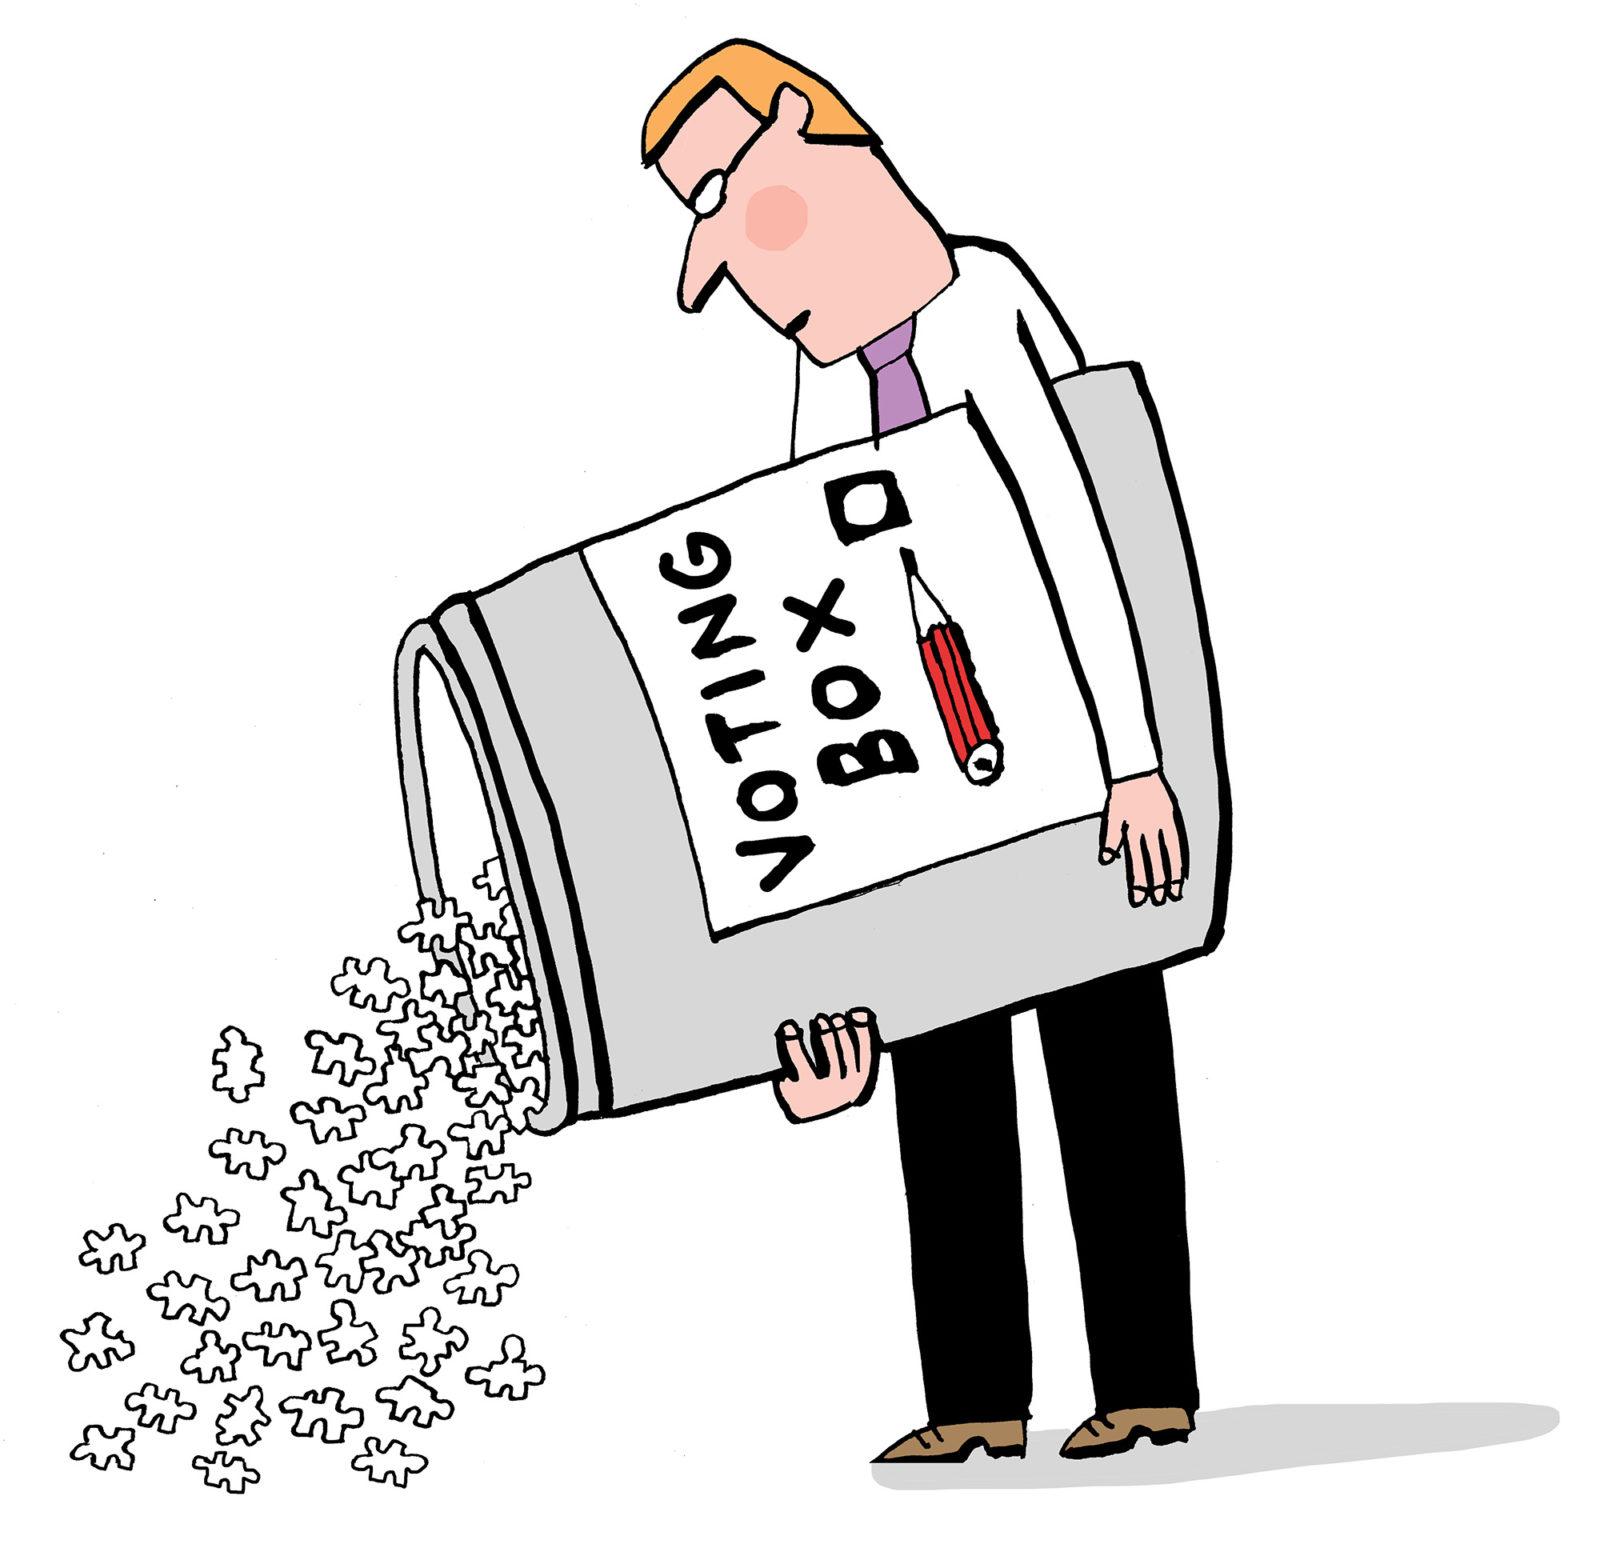 de-kwestie-en-verkiezingsuitslag-versnipperde-politiek-bas-van-der-schot